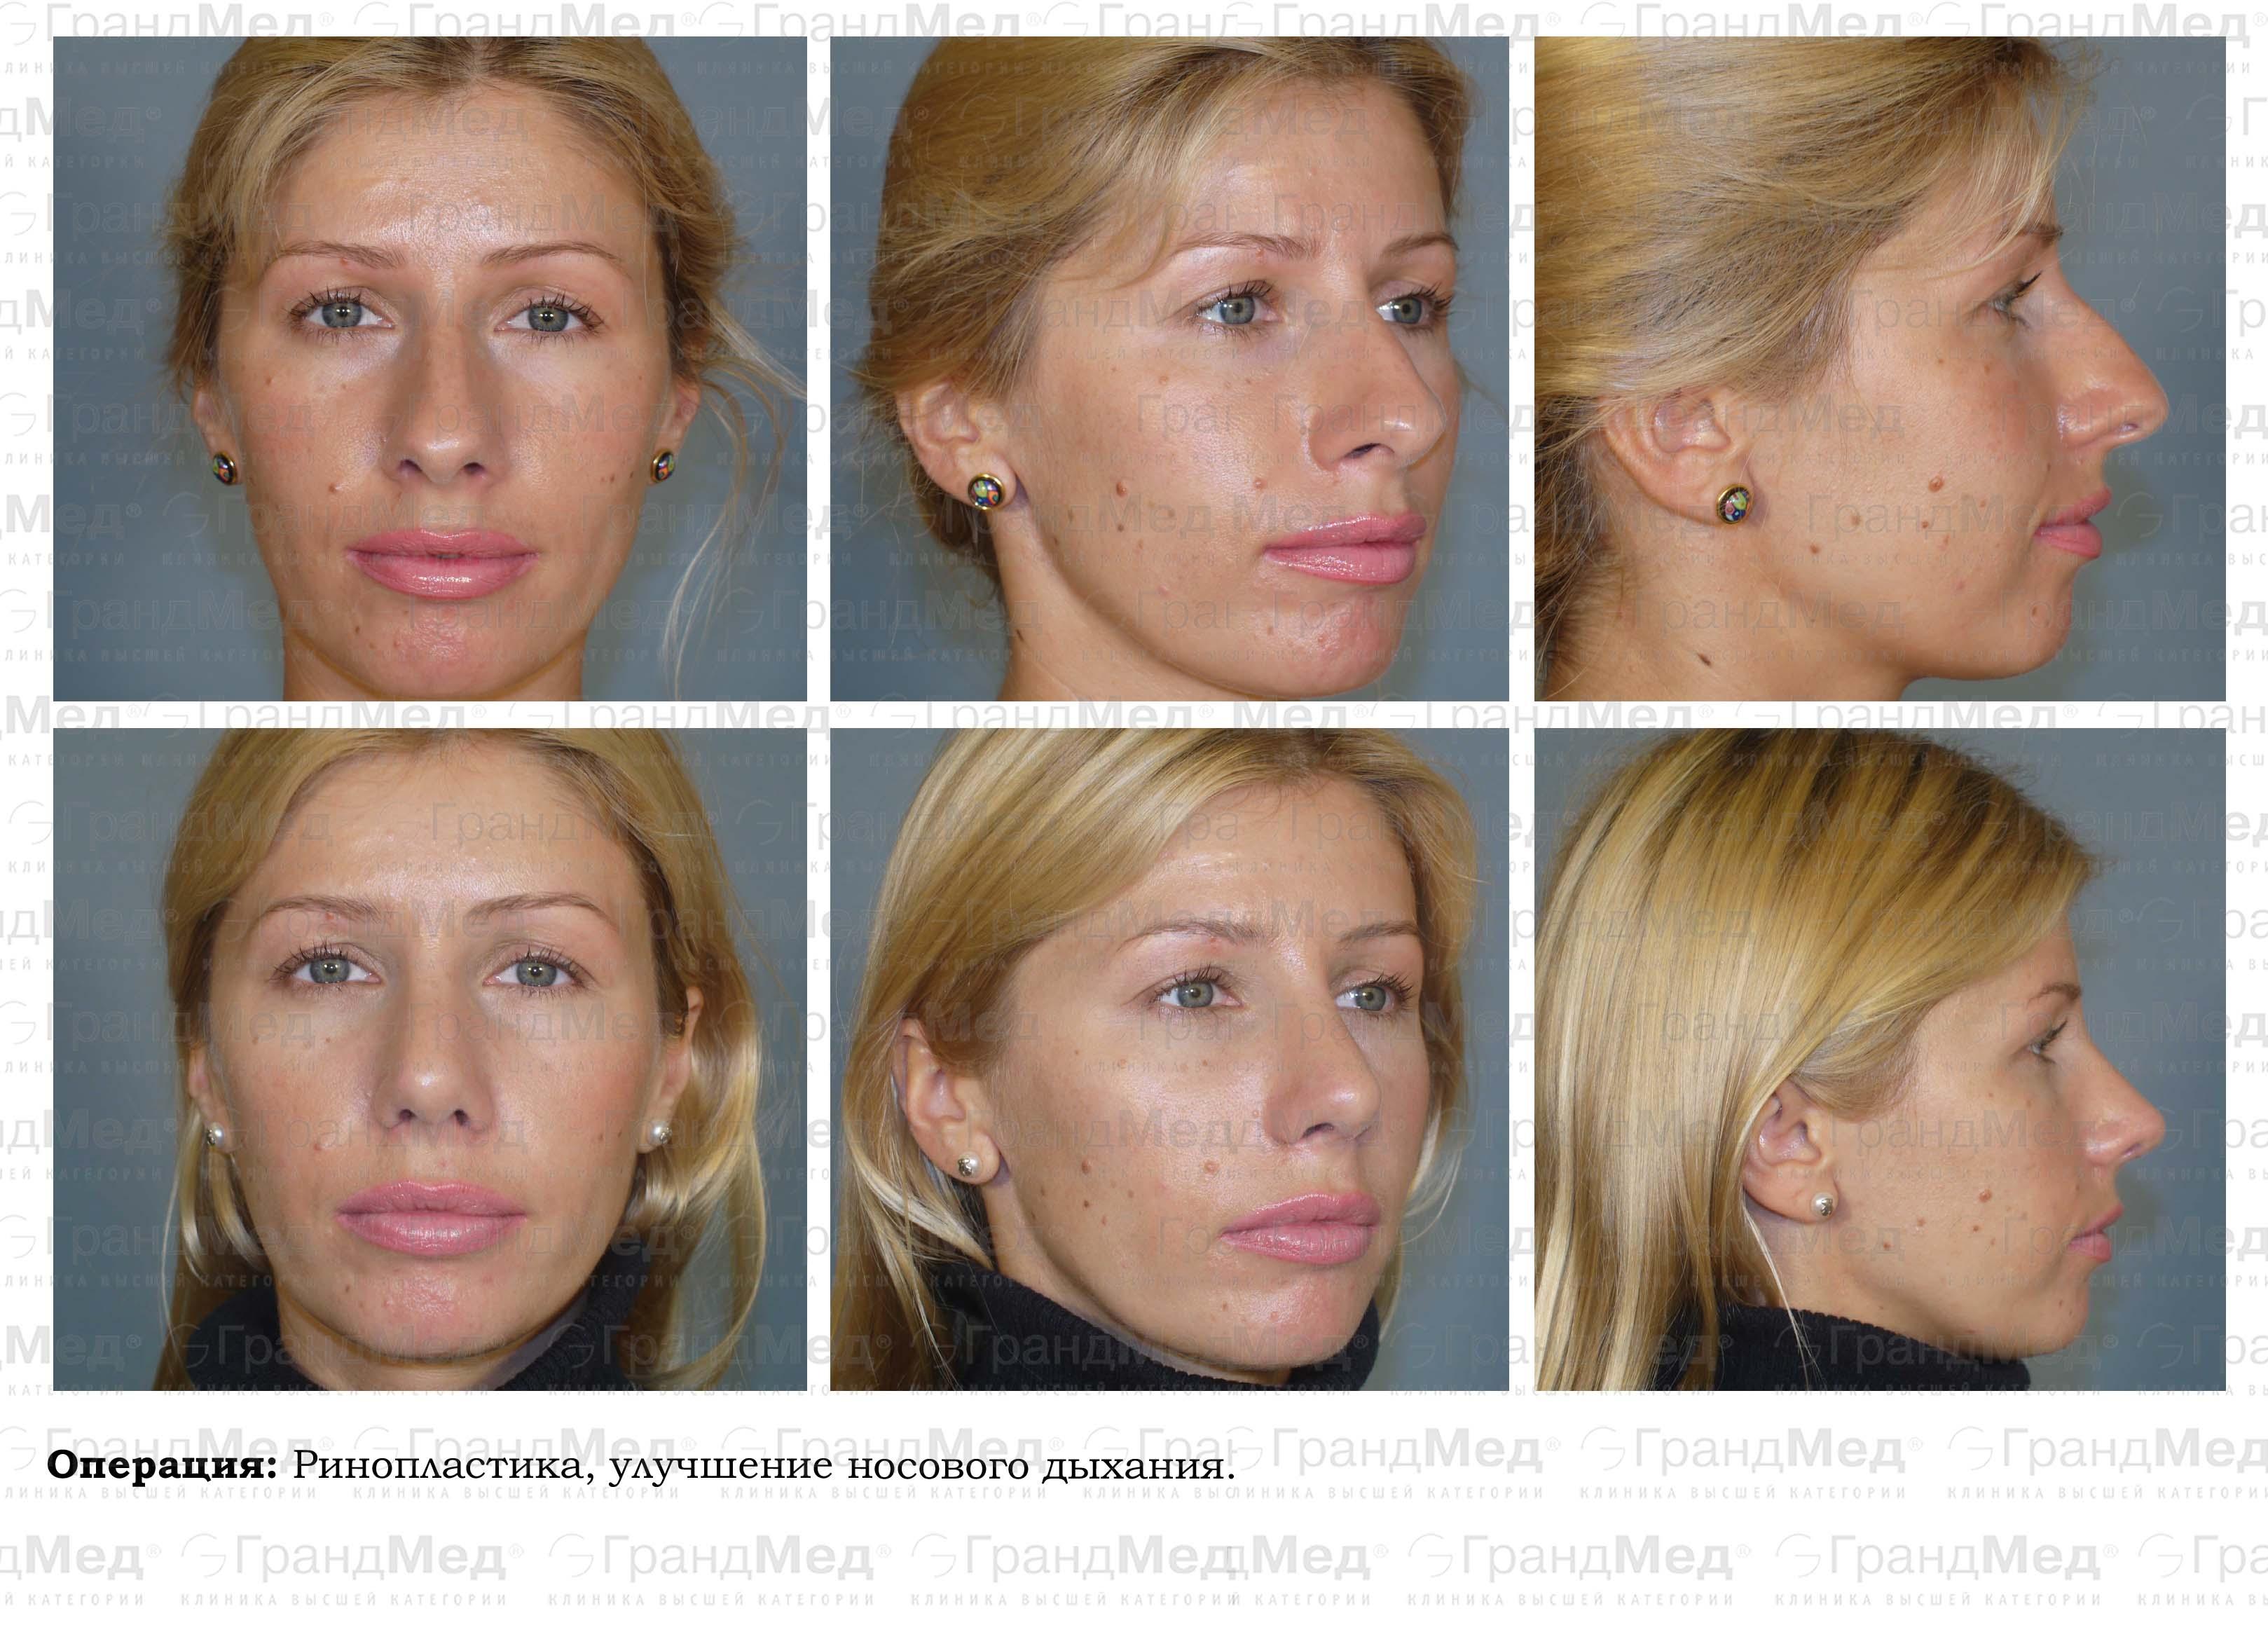 plasticheskaya-intim-hirurgiya-v-krasnoyarske-foto-tseni